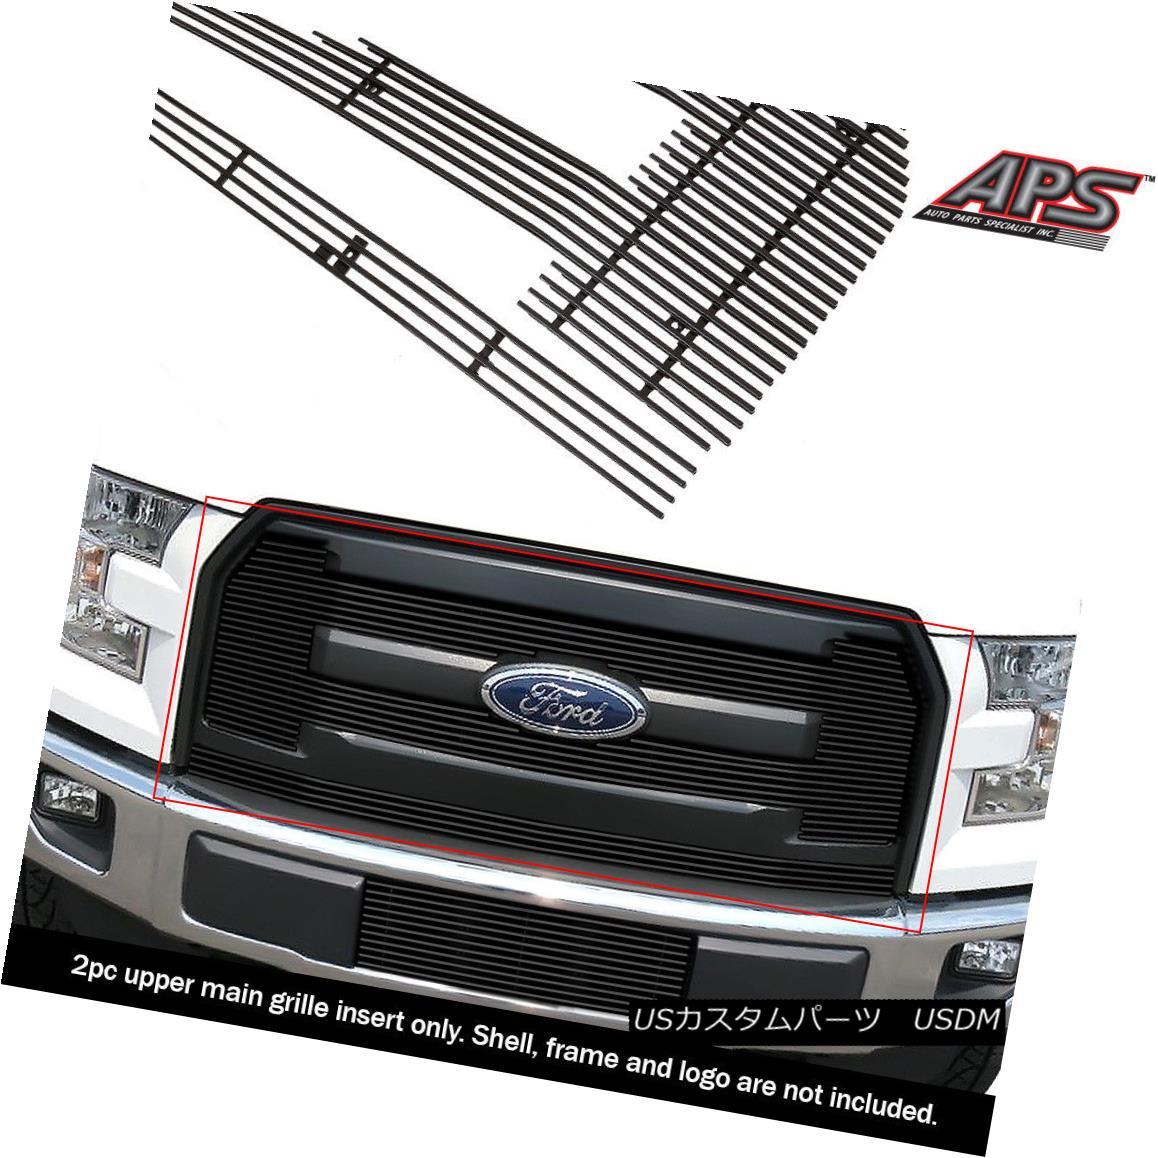 グリル Fits 2015-2017 Ford F-150 XL Model Black Billet Grille Insert フィット2015-2017フォードF - 150 XLモデルブラックビレットグリルインサート